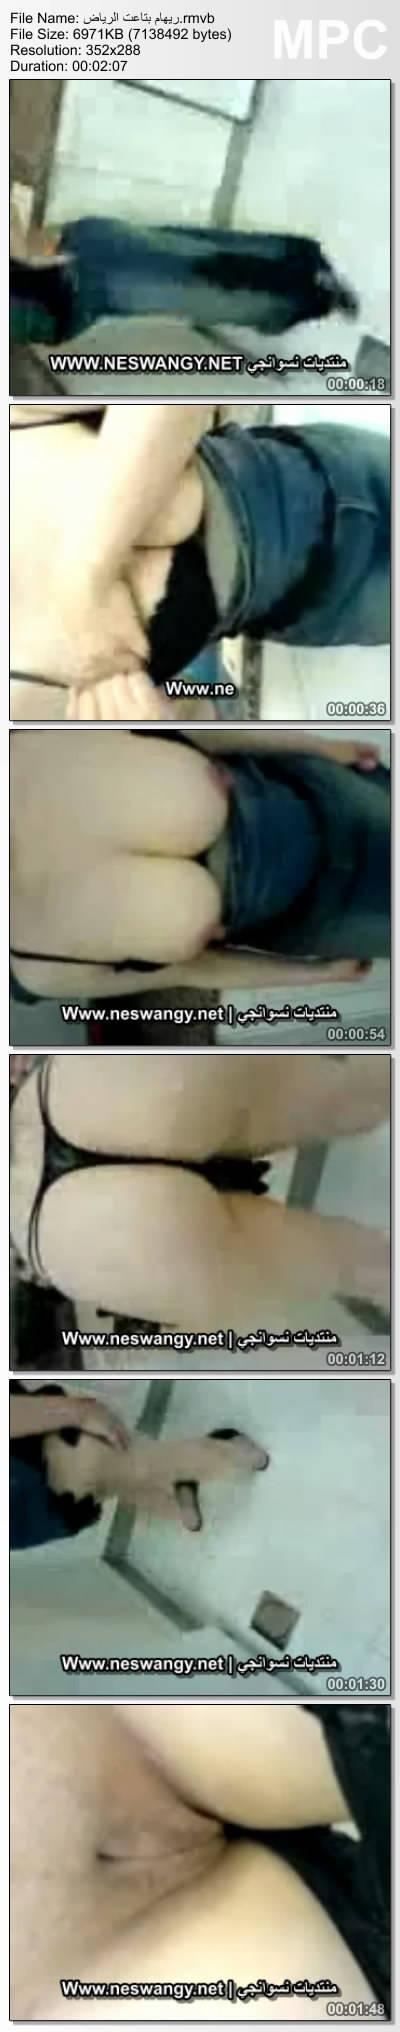 ريهام الأموره ممحونه الرياض مقطع